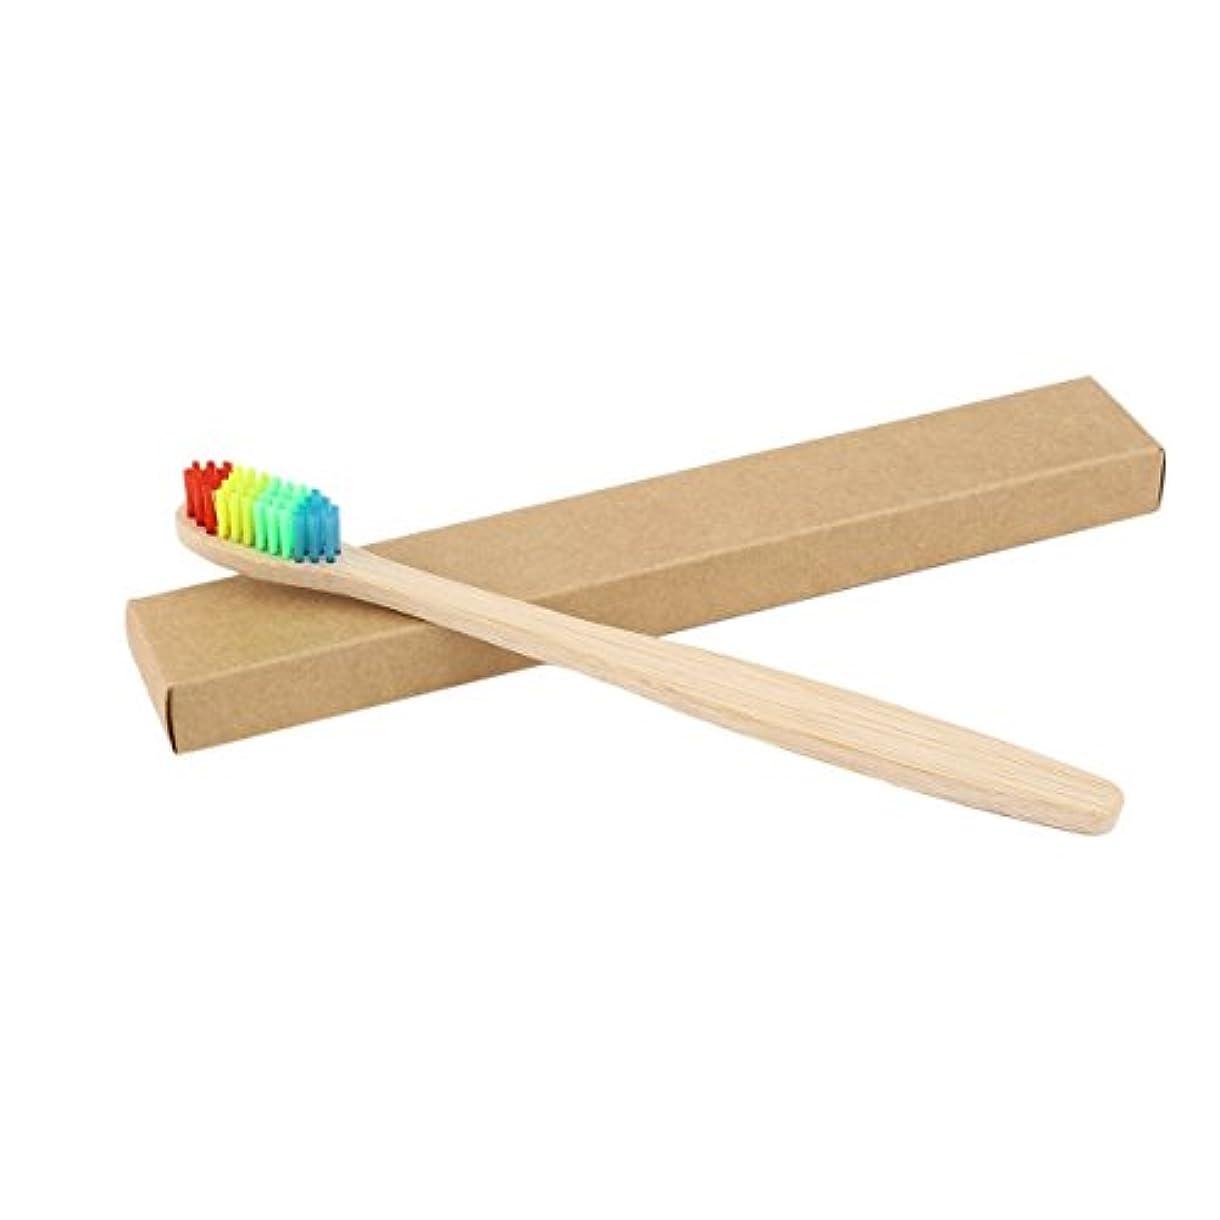 人形自己生きているカラフルな髪+竹のハンドル歯ブラシ環境木製の虹竹の歯ブラシオーラルケアソフト剛毛ユニセックス - ウッドカラー+カラフル